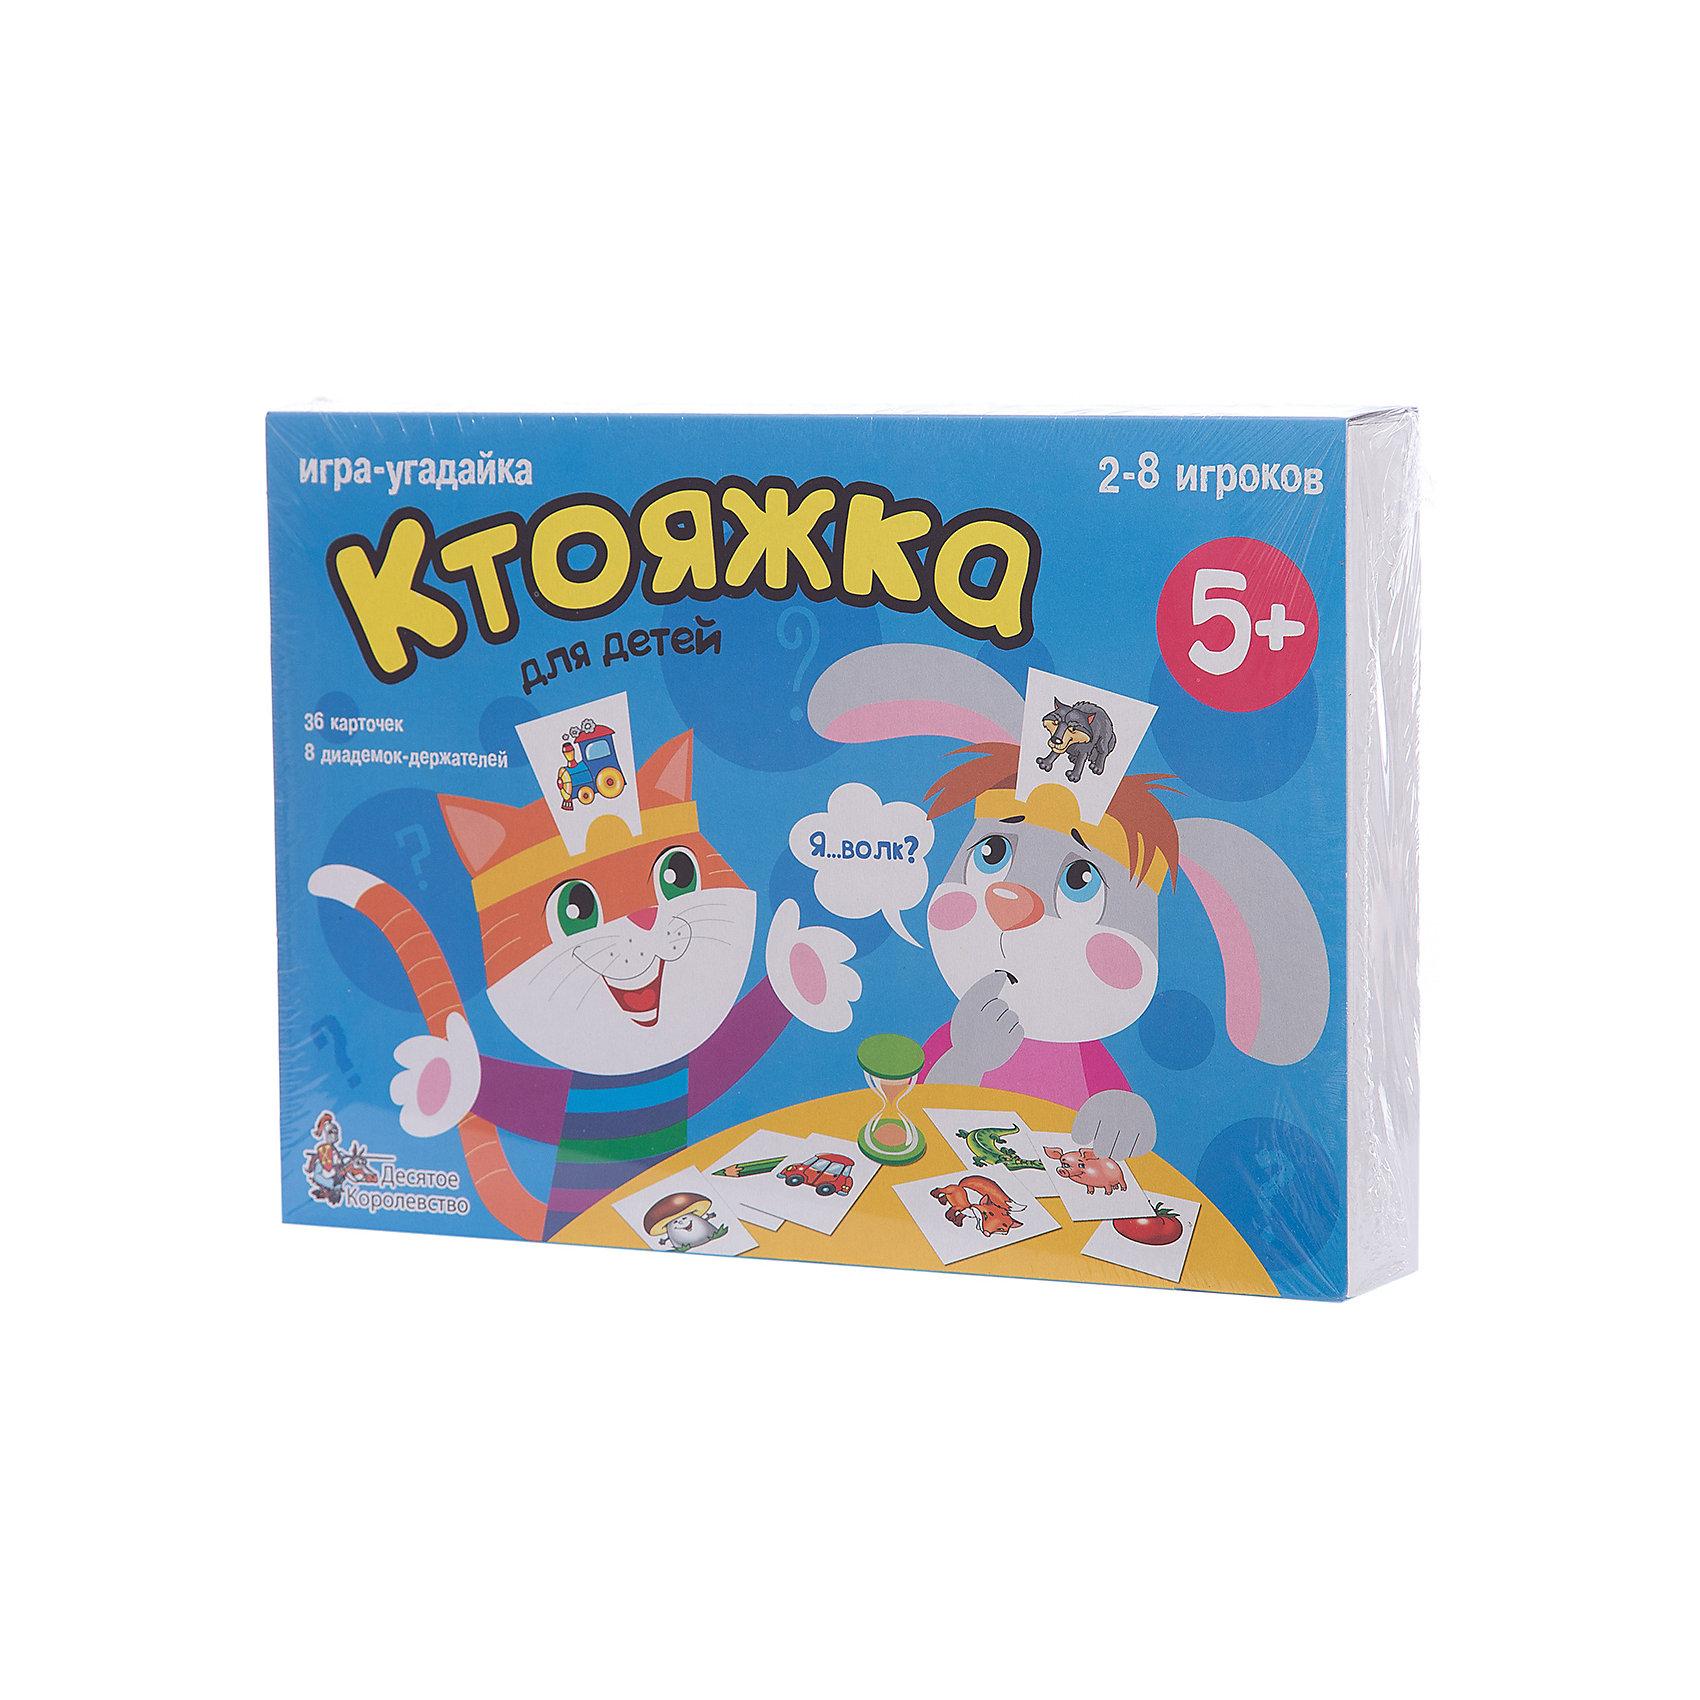 Настольная игра Ктояжка, Десятое королевствоНастольные игры для всей семьи<br>Характеристики:<br><br>• возраст: от 4 лет<br>• в наборе: 6 карточек, 8 диадемок-держателей, песочные часы, шляпная резинка (2 метра)<br>• количество игроков: от 2 до 8 человек<br>• материалы: картон, пластик, текстиль<br>• упаковка: картонная коробка<br>• размер упаковки: 28х19,7х4,5 см.<br>• вес: 260 гр.<br><br>Игра-угадайка «Ктояжка» от производителя Десятое королевство поможет разнообразить досуг компании детей и создаст веселую, непринужденную и позитивную атмосферу. Играть могут от двух до восьми человек. <br><br>Перед началом игры необходимо подготовить реквизит: резинку разделить на восемь частей (по 25 см) и закрепить каждую часть через отверстия в диадемах. Диадемы одеваются на голову игроков, а ведущий вставляет в них карточки с картинками, так чтобы игроки не видели изображение на своих карточках. <br><br>Задача игрока, задавая наводящие вопросы своим товарищам (пока сыпется песок в песочных часах), угадать, кто или что изображено на его карточке. Если участнику игры удается это сделать, он забирает карточку себе. Ведущий закрепляет ему в диадемке-держателе следующую карточку, и игра продолжается. Победителем считается игрок, собравший большее количество карточек.<br><br>Настольную игру Ктояжка, Десятое королевство можно купить в нашем интернет-магазине.<br><br>Ширина мм: 280<br>Глубина мм: 197<br>Высота мм: 45<br>Вес г: 300<br>Возраст от месяцев: 48<br>Возраст до месяцев: 2147483647<br>Пол: Унисекс<br>Возраст: Детский<br>SKU: 6723905